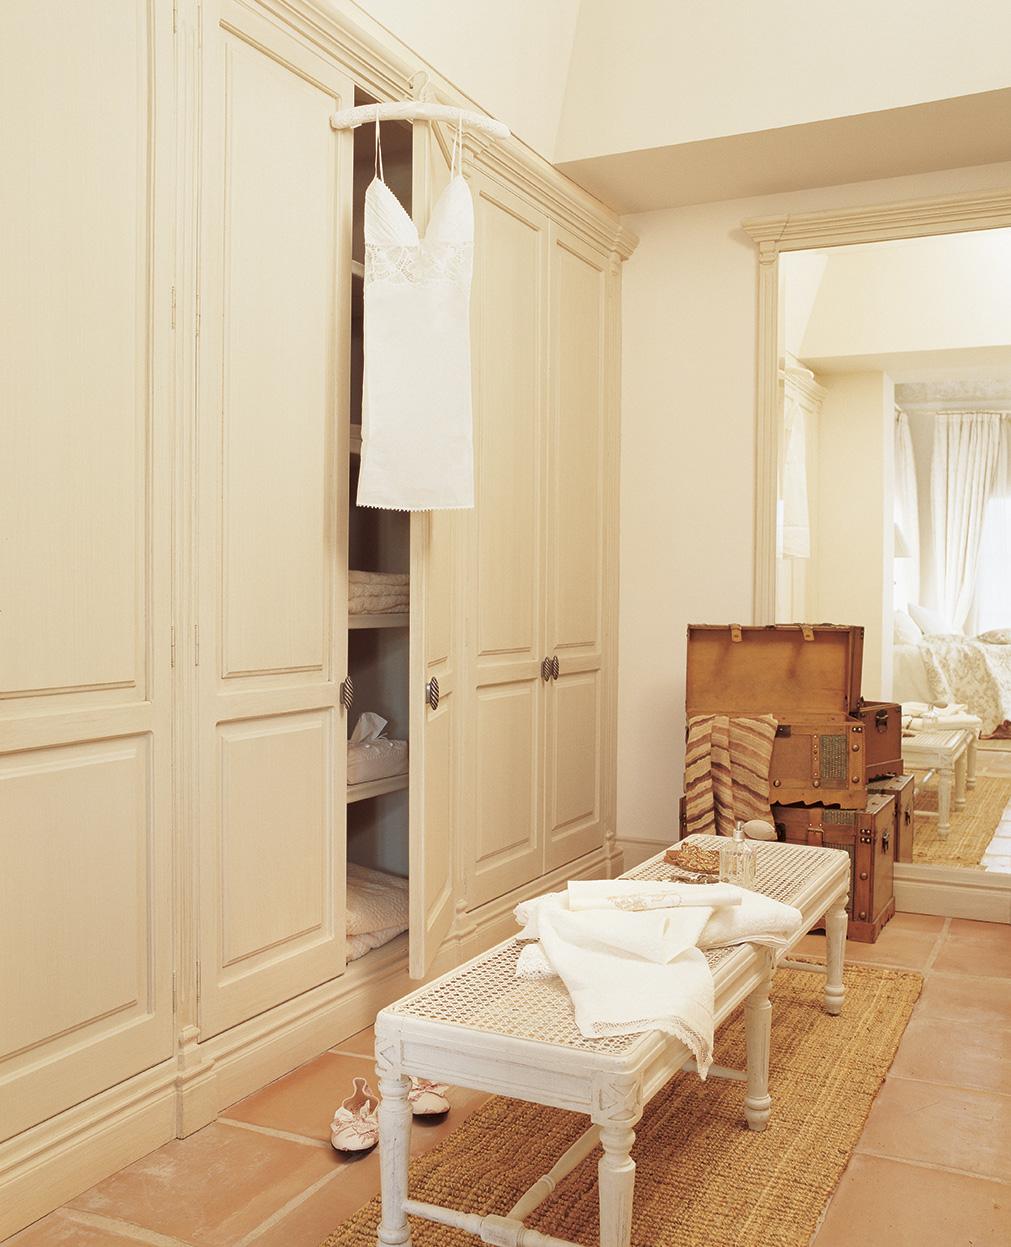 00161251. Vestidor con armarios en blanco, baúles, espejo de cuerpo entero y banco_00161251